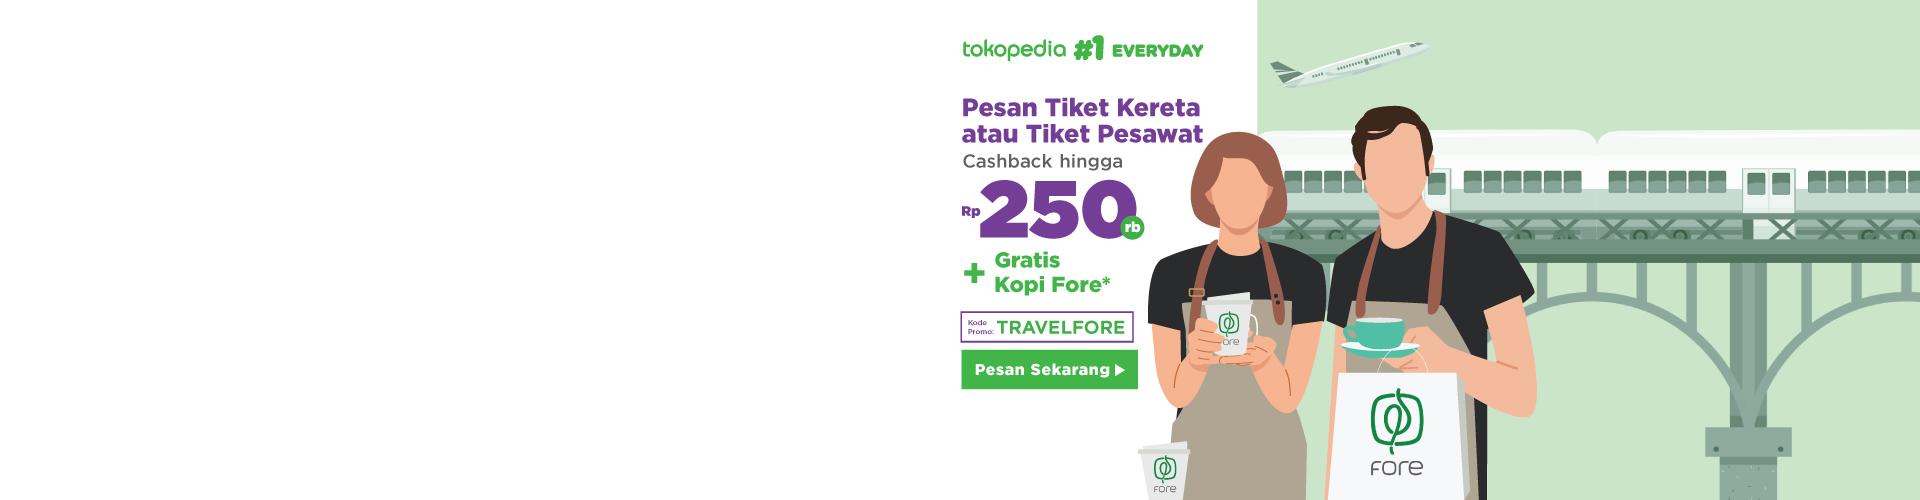 Cashback hingga 250rb* + Gratis Kopi Fore! Dapatkan bonusnya saat pesan tiket kereta atau pesawat di Tokopedia.